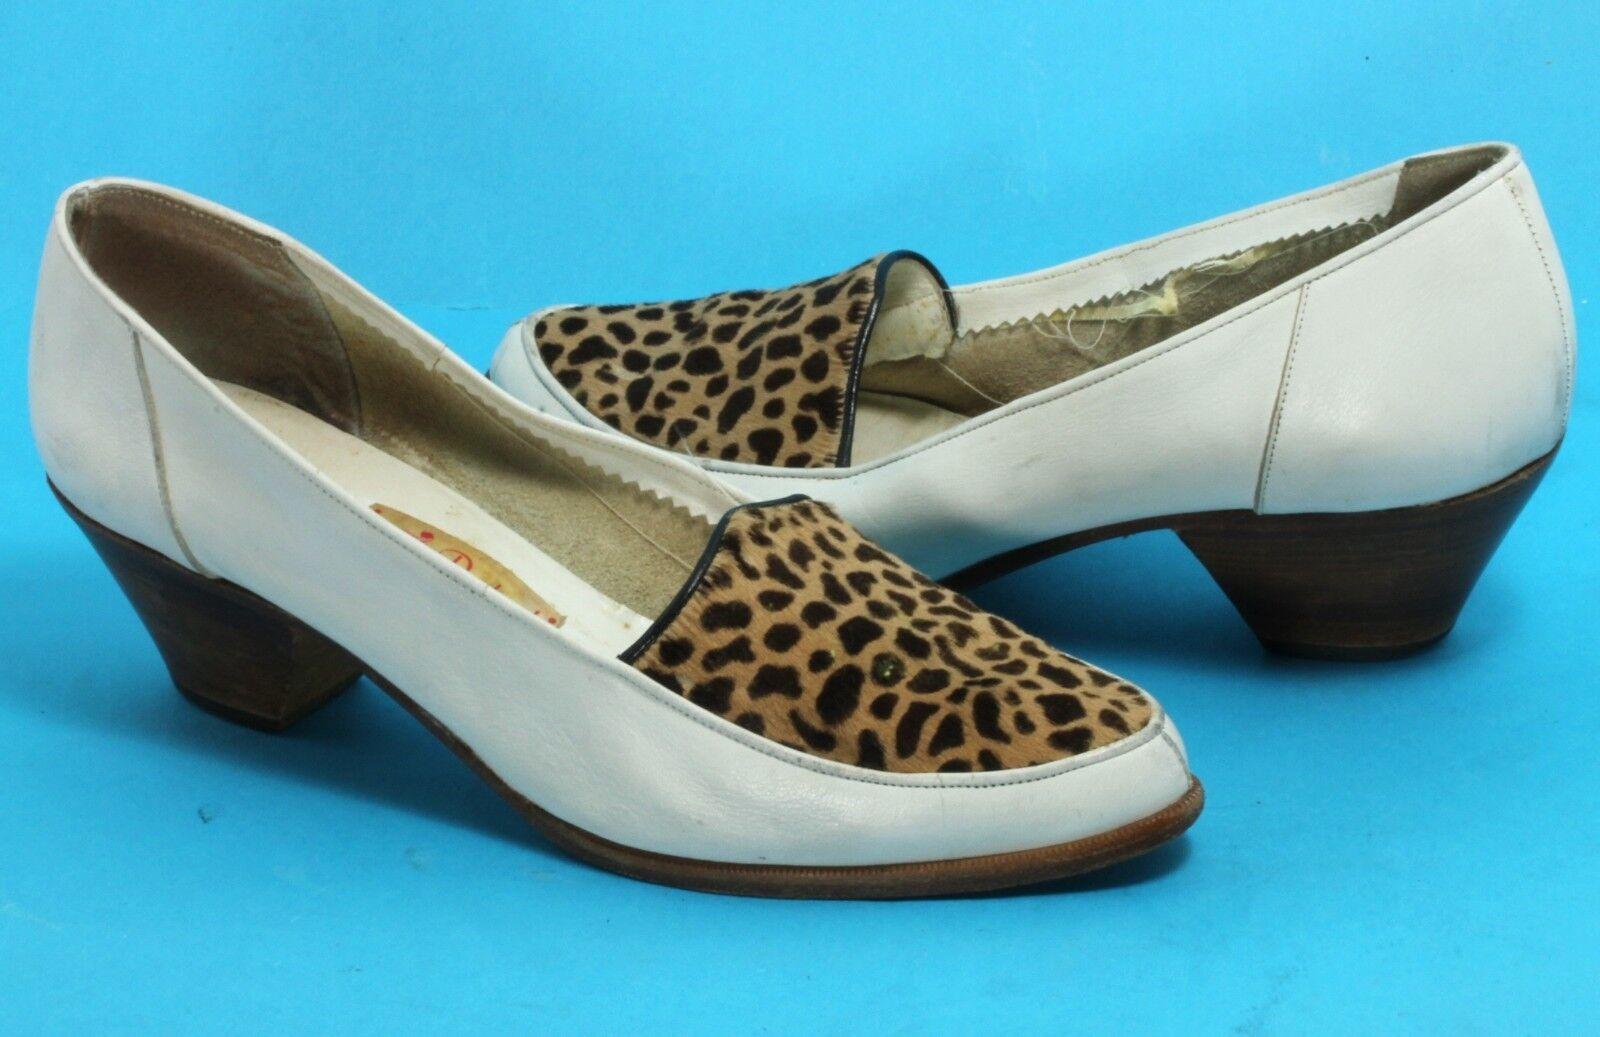 Elegant vintage pumps pumps pumps Zapatos señora rockabilly Boogie Woogie punta di piede 39,5  la mejor oferta de tienda online